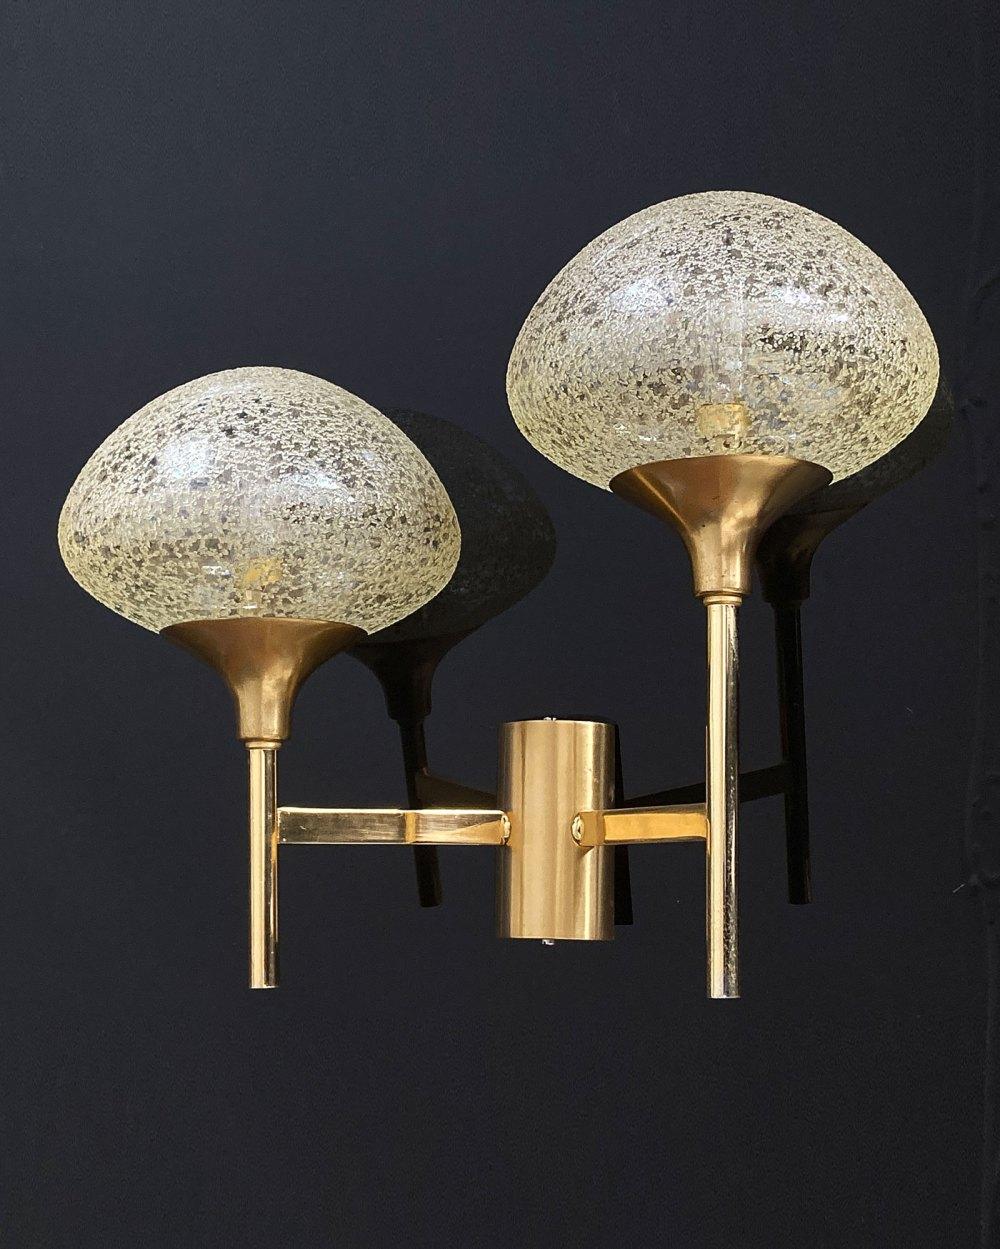 applique gaetano sciolari pour sciolari, laiton et verre structuré 1960